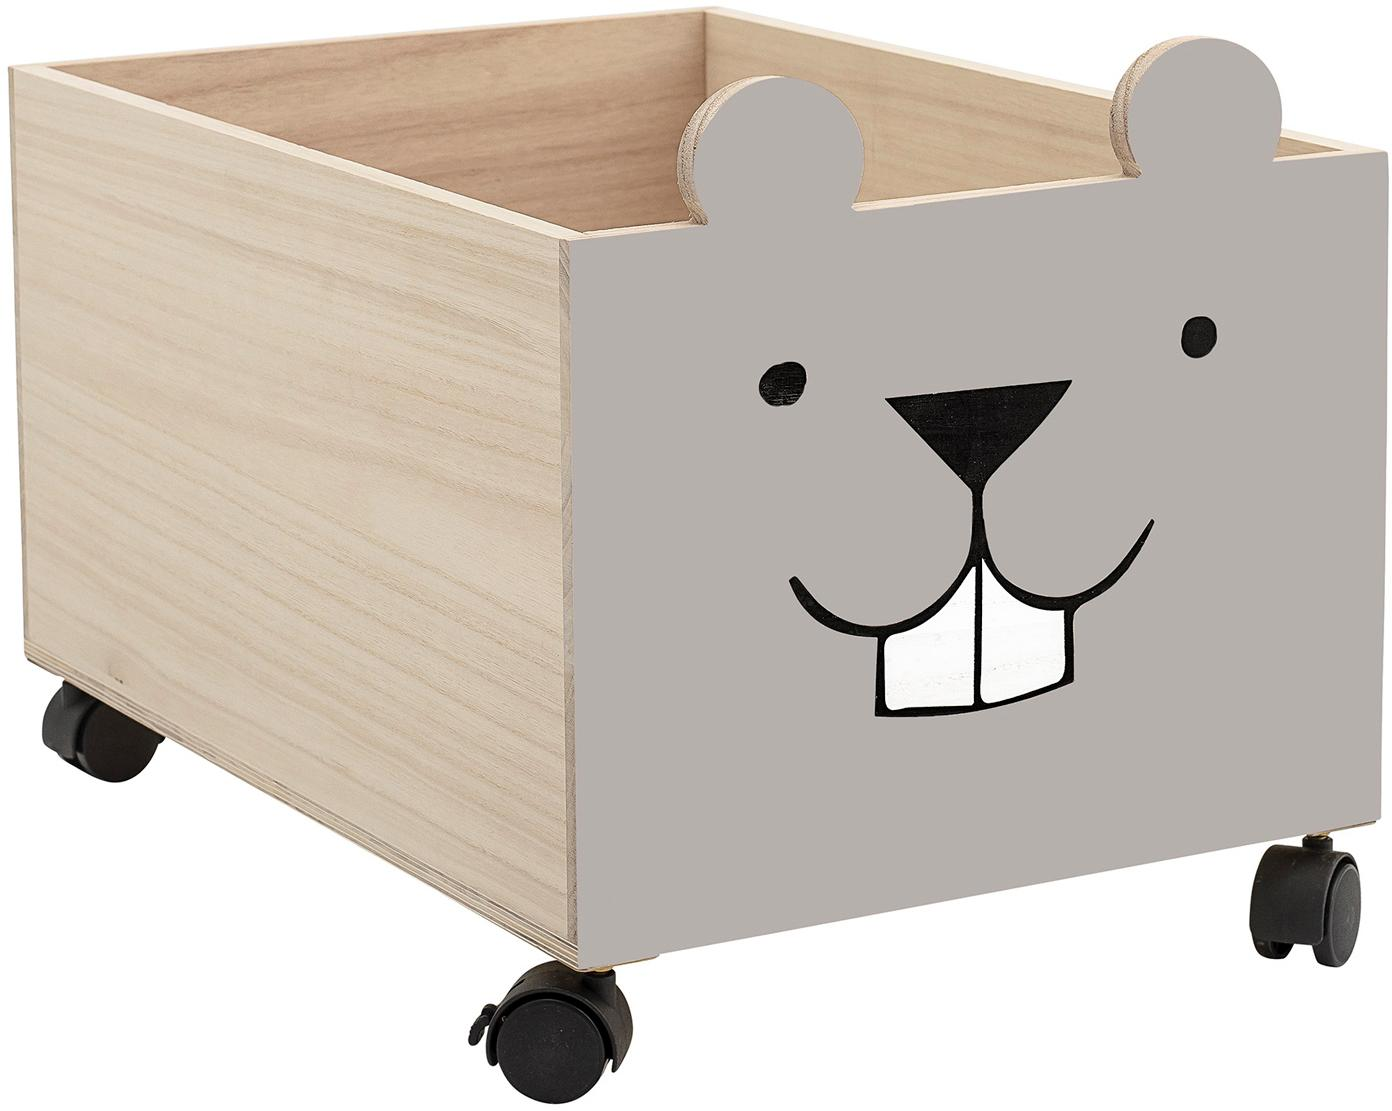 Pudełko do przechowywania Biber, Drewno paulownia, płyta pilśniowa średniej gęstości (MDF), Szary, jasny brązowy, S 35 x W 31 cm